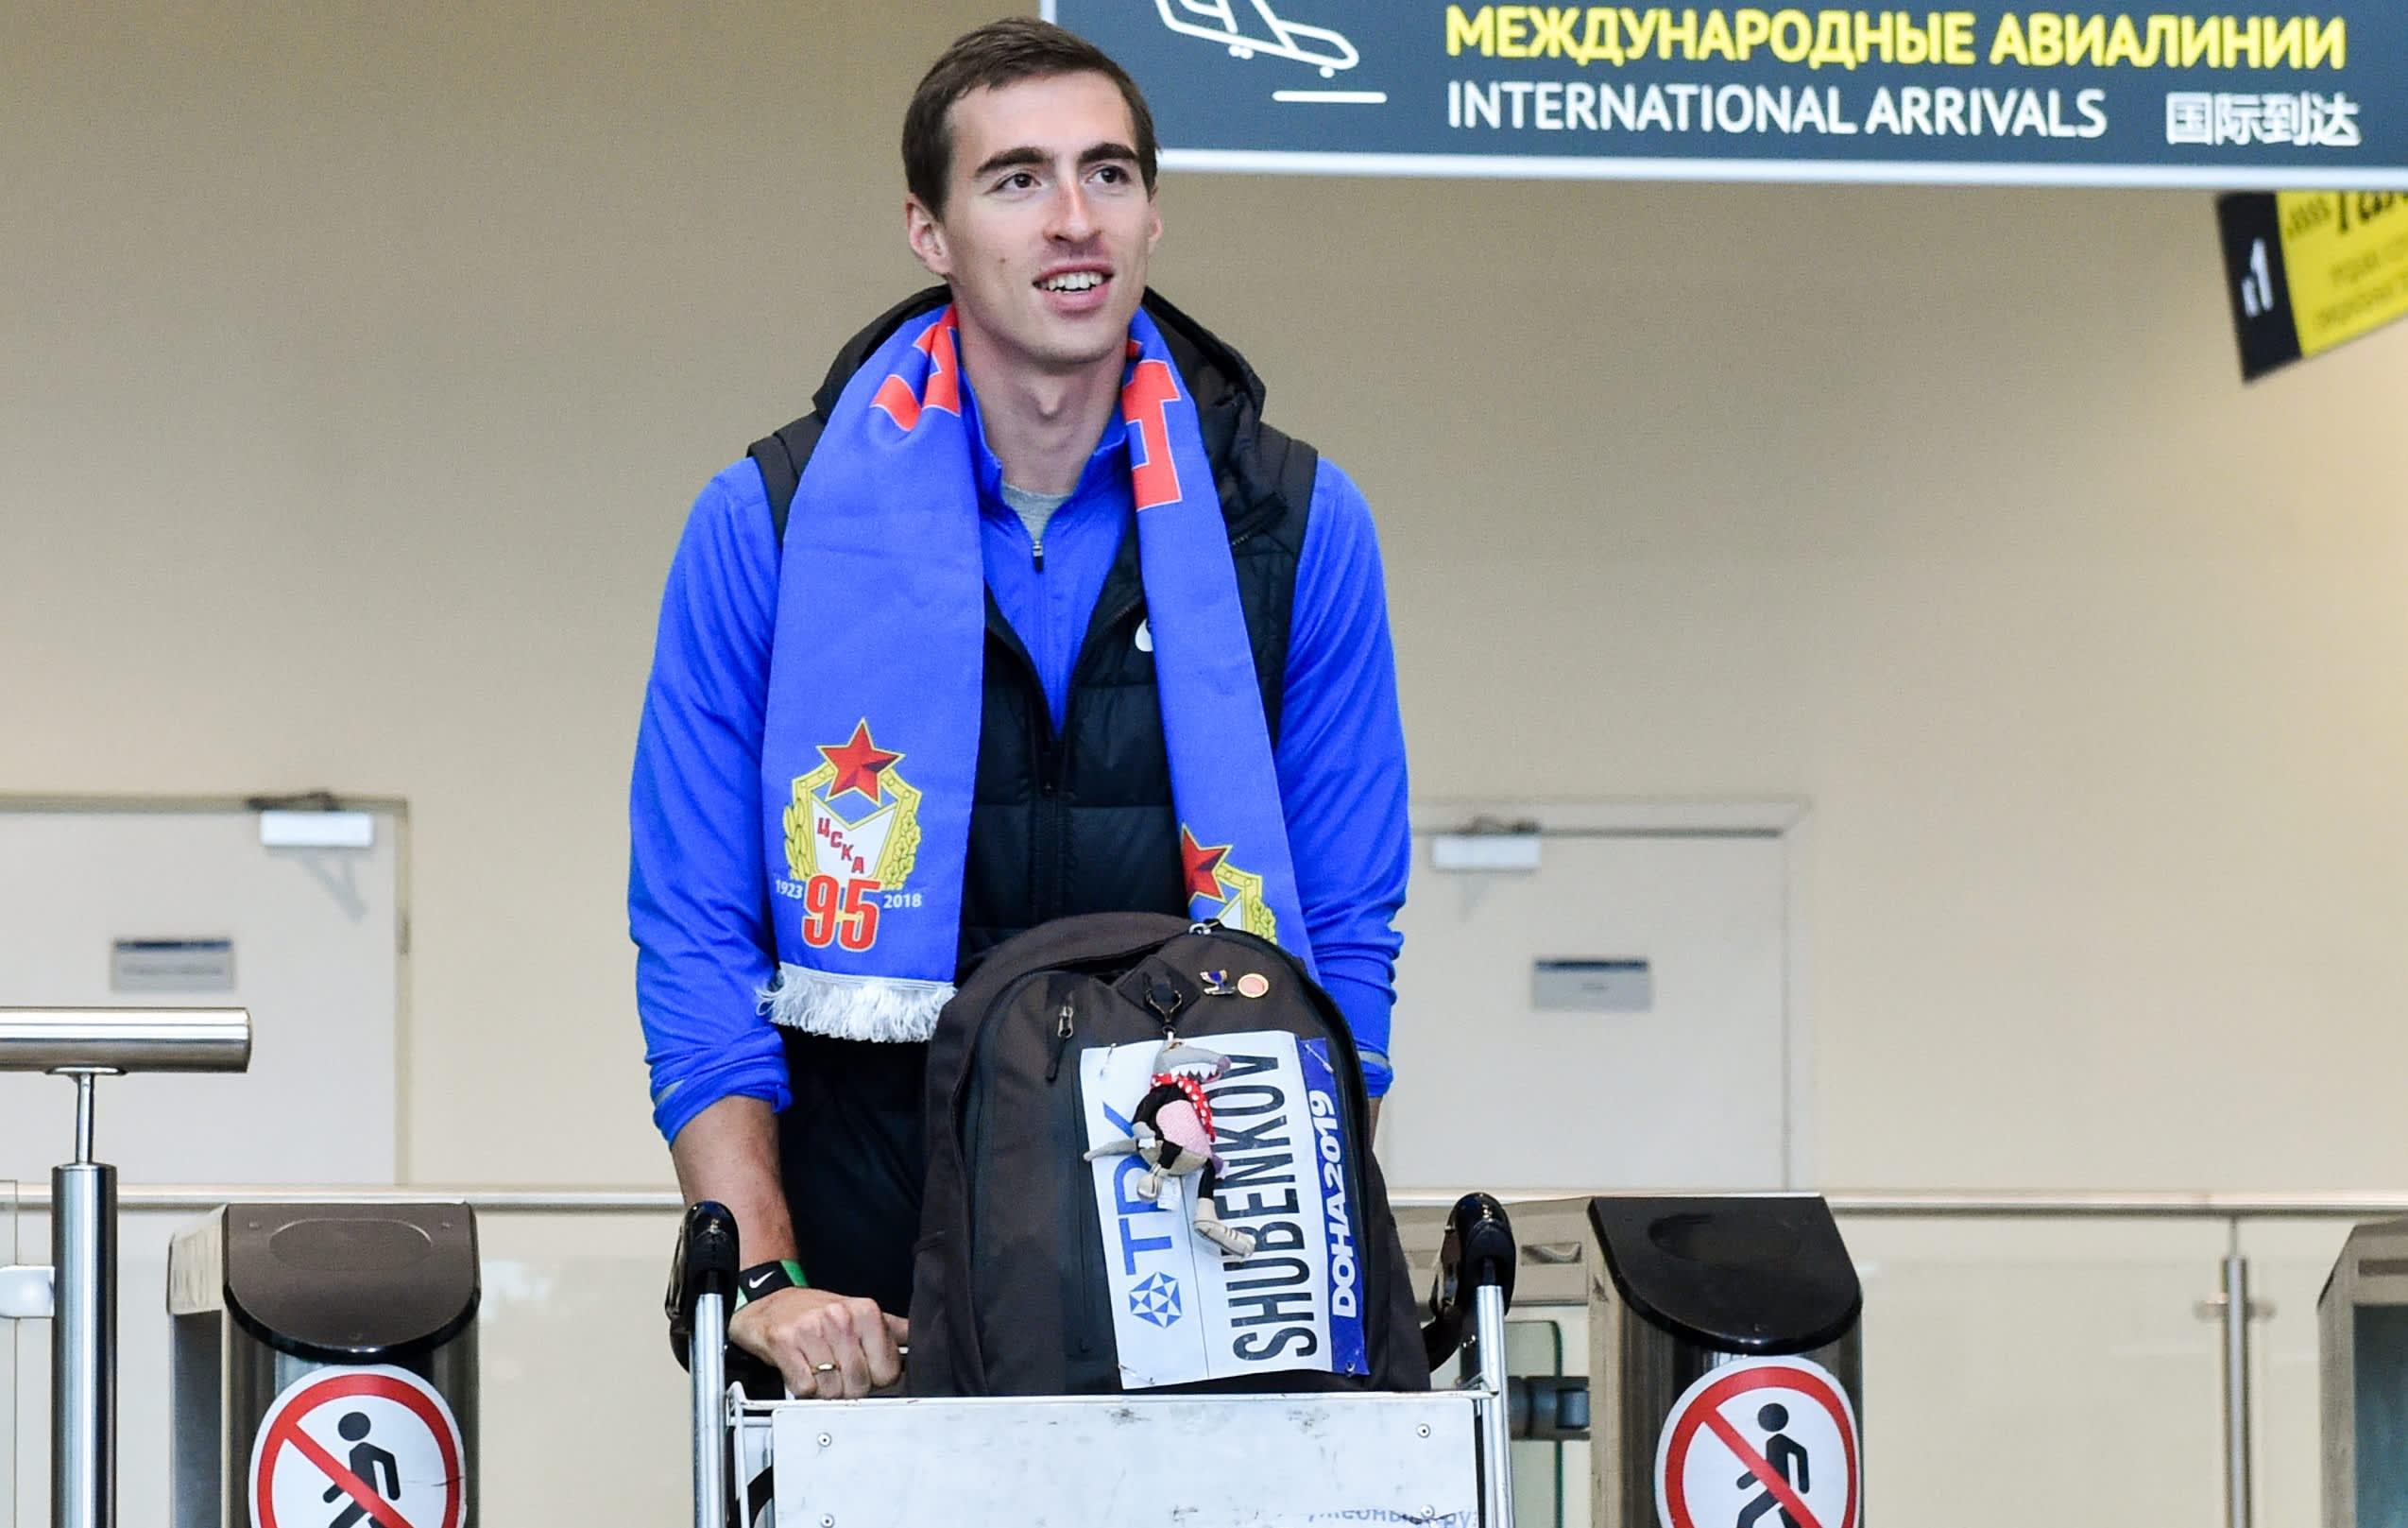 Sergei Shubenkov valittiin alkuvuodesta vuosikymmenen parhaaksi miesten pika-aituriksi.